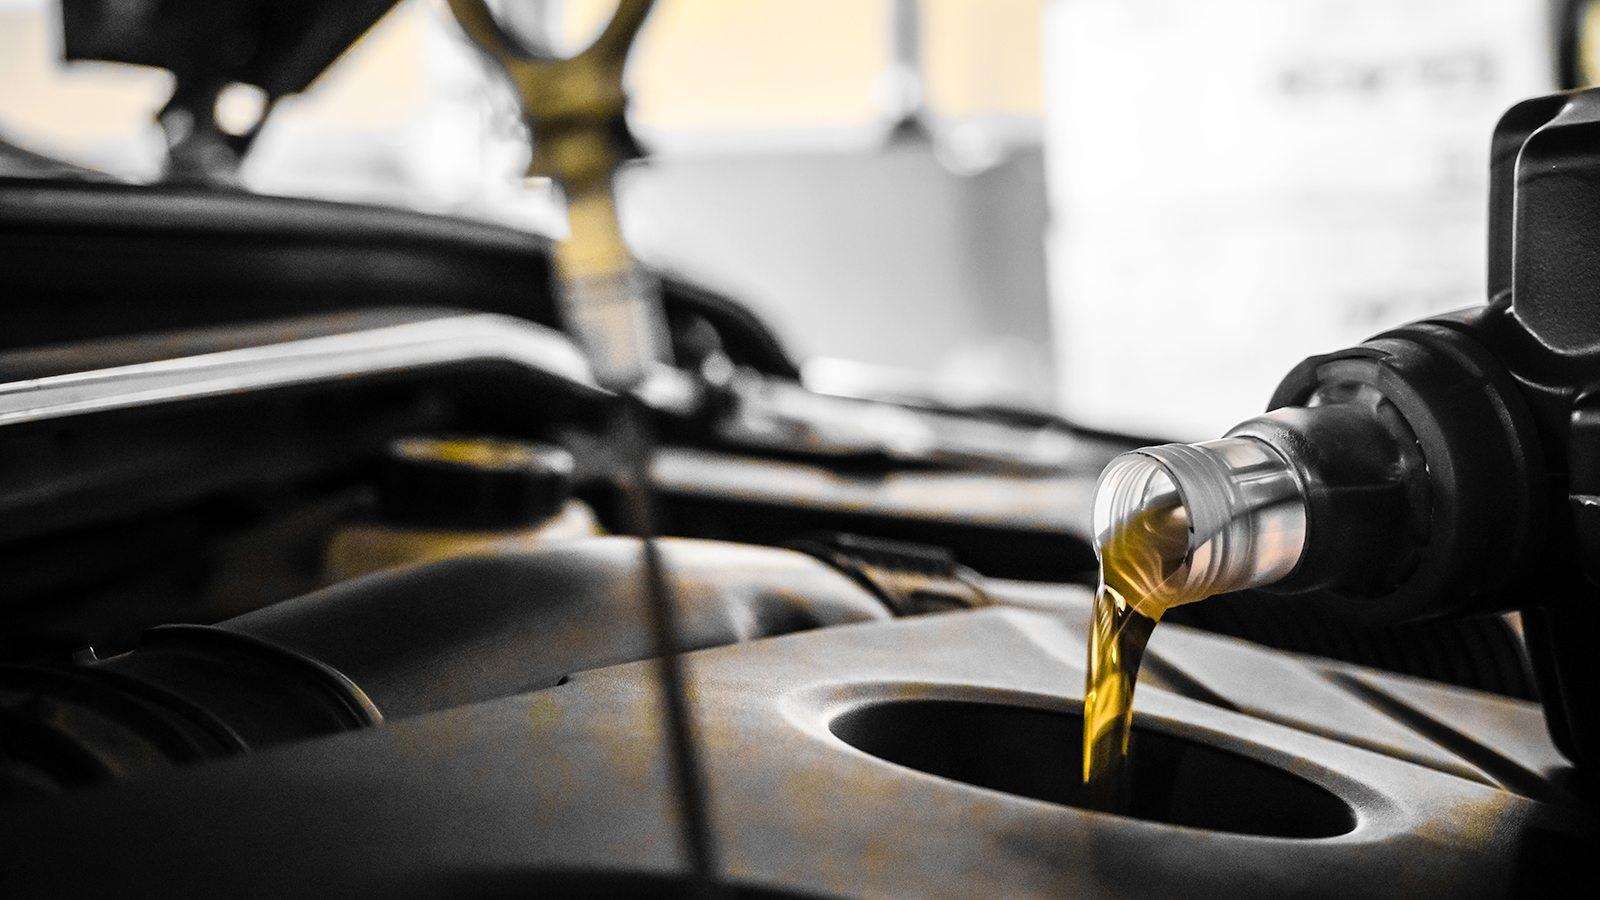 چرا موتور خودرو روغن کم میکند؟